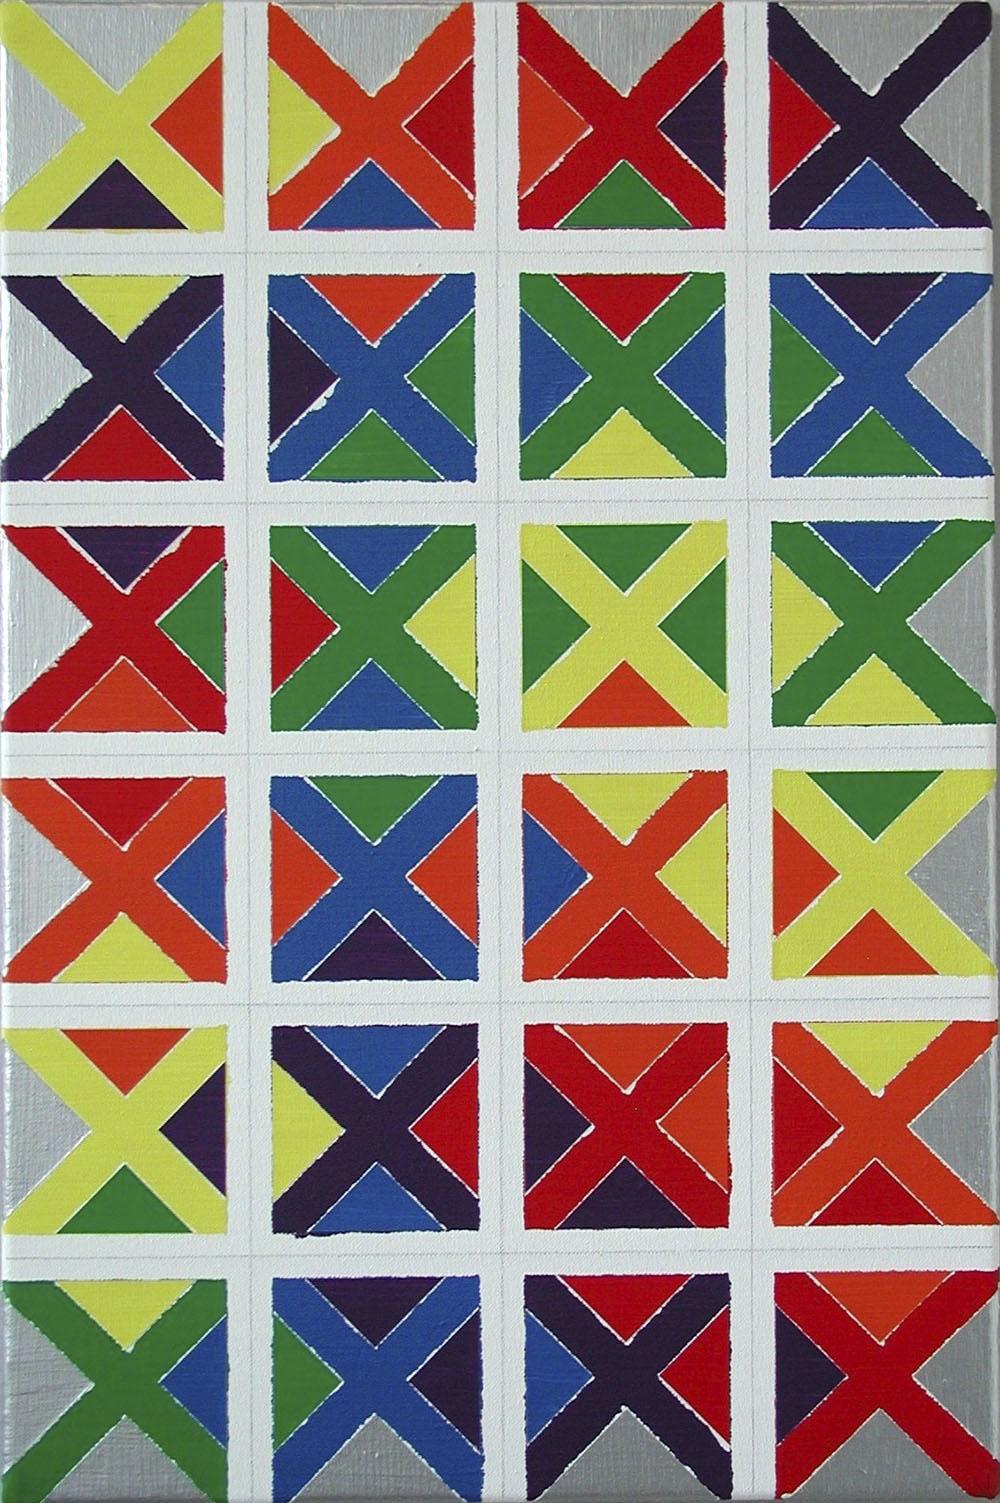 dezimal-33 | Acryl und Graphit auf Leinwand | 2000 | 60 x 40 cm